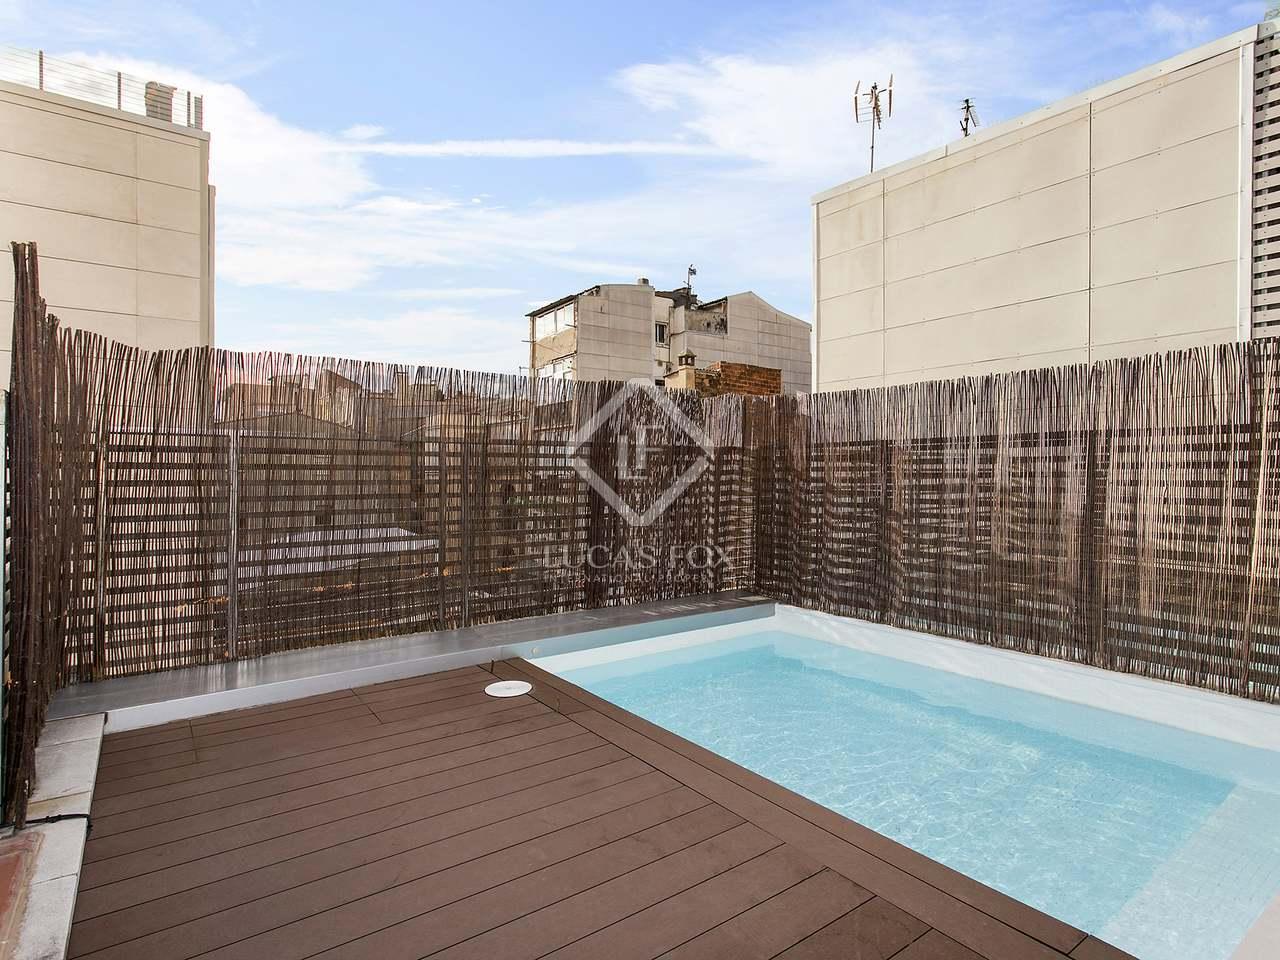 Maison villa de 160m a louer poblenou barcelone - Location maison piscine barcelone ...